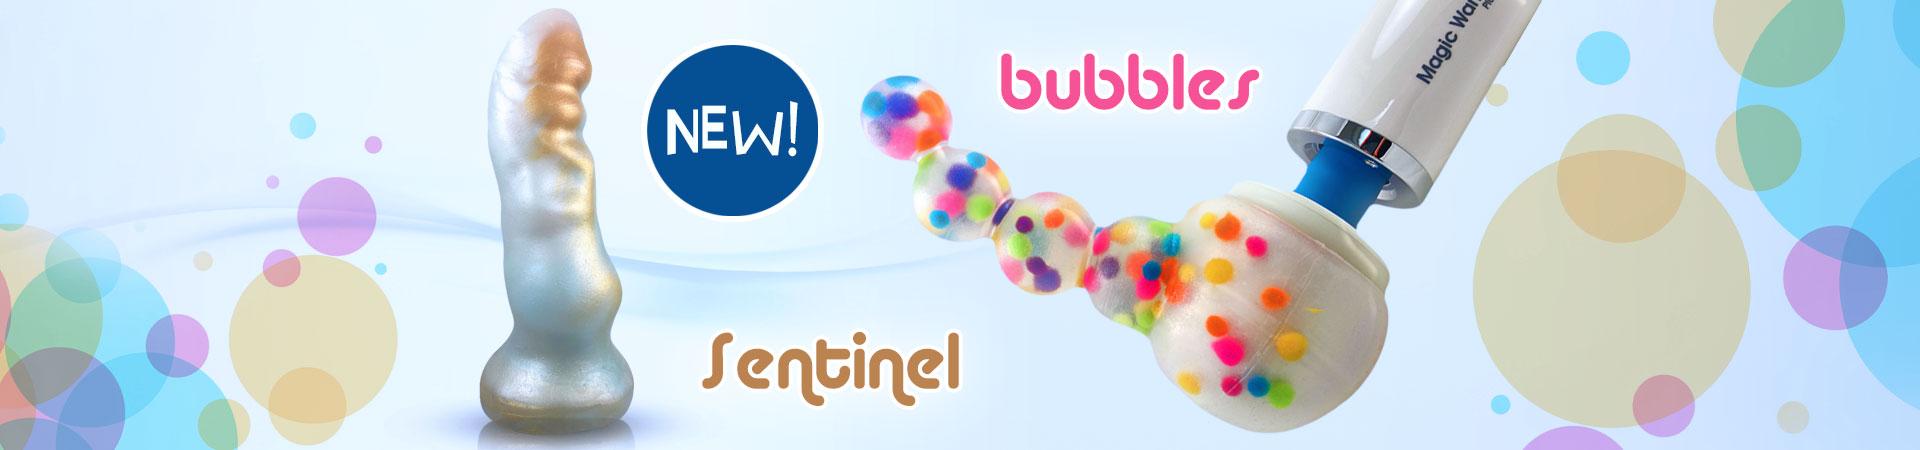 New Bubbles & Sentinel